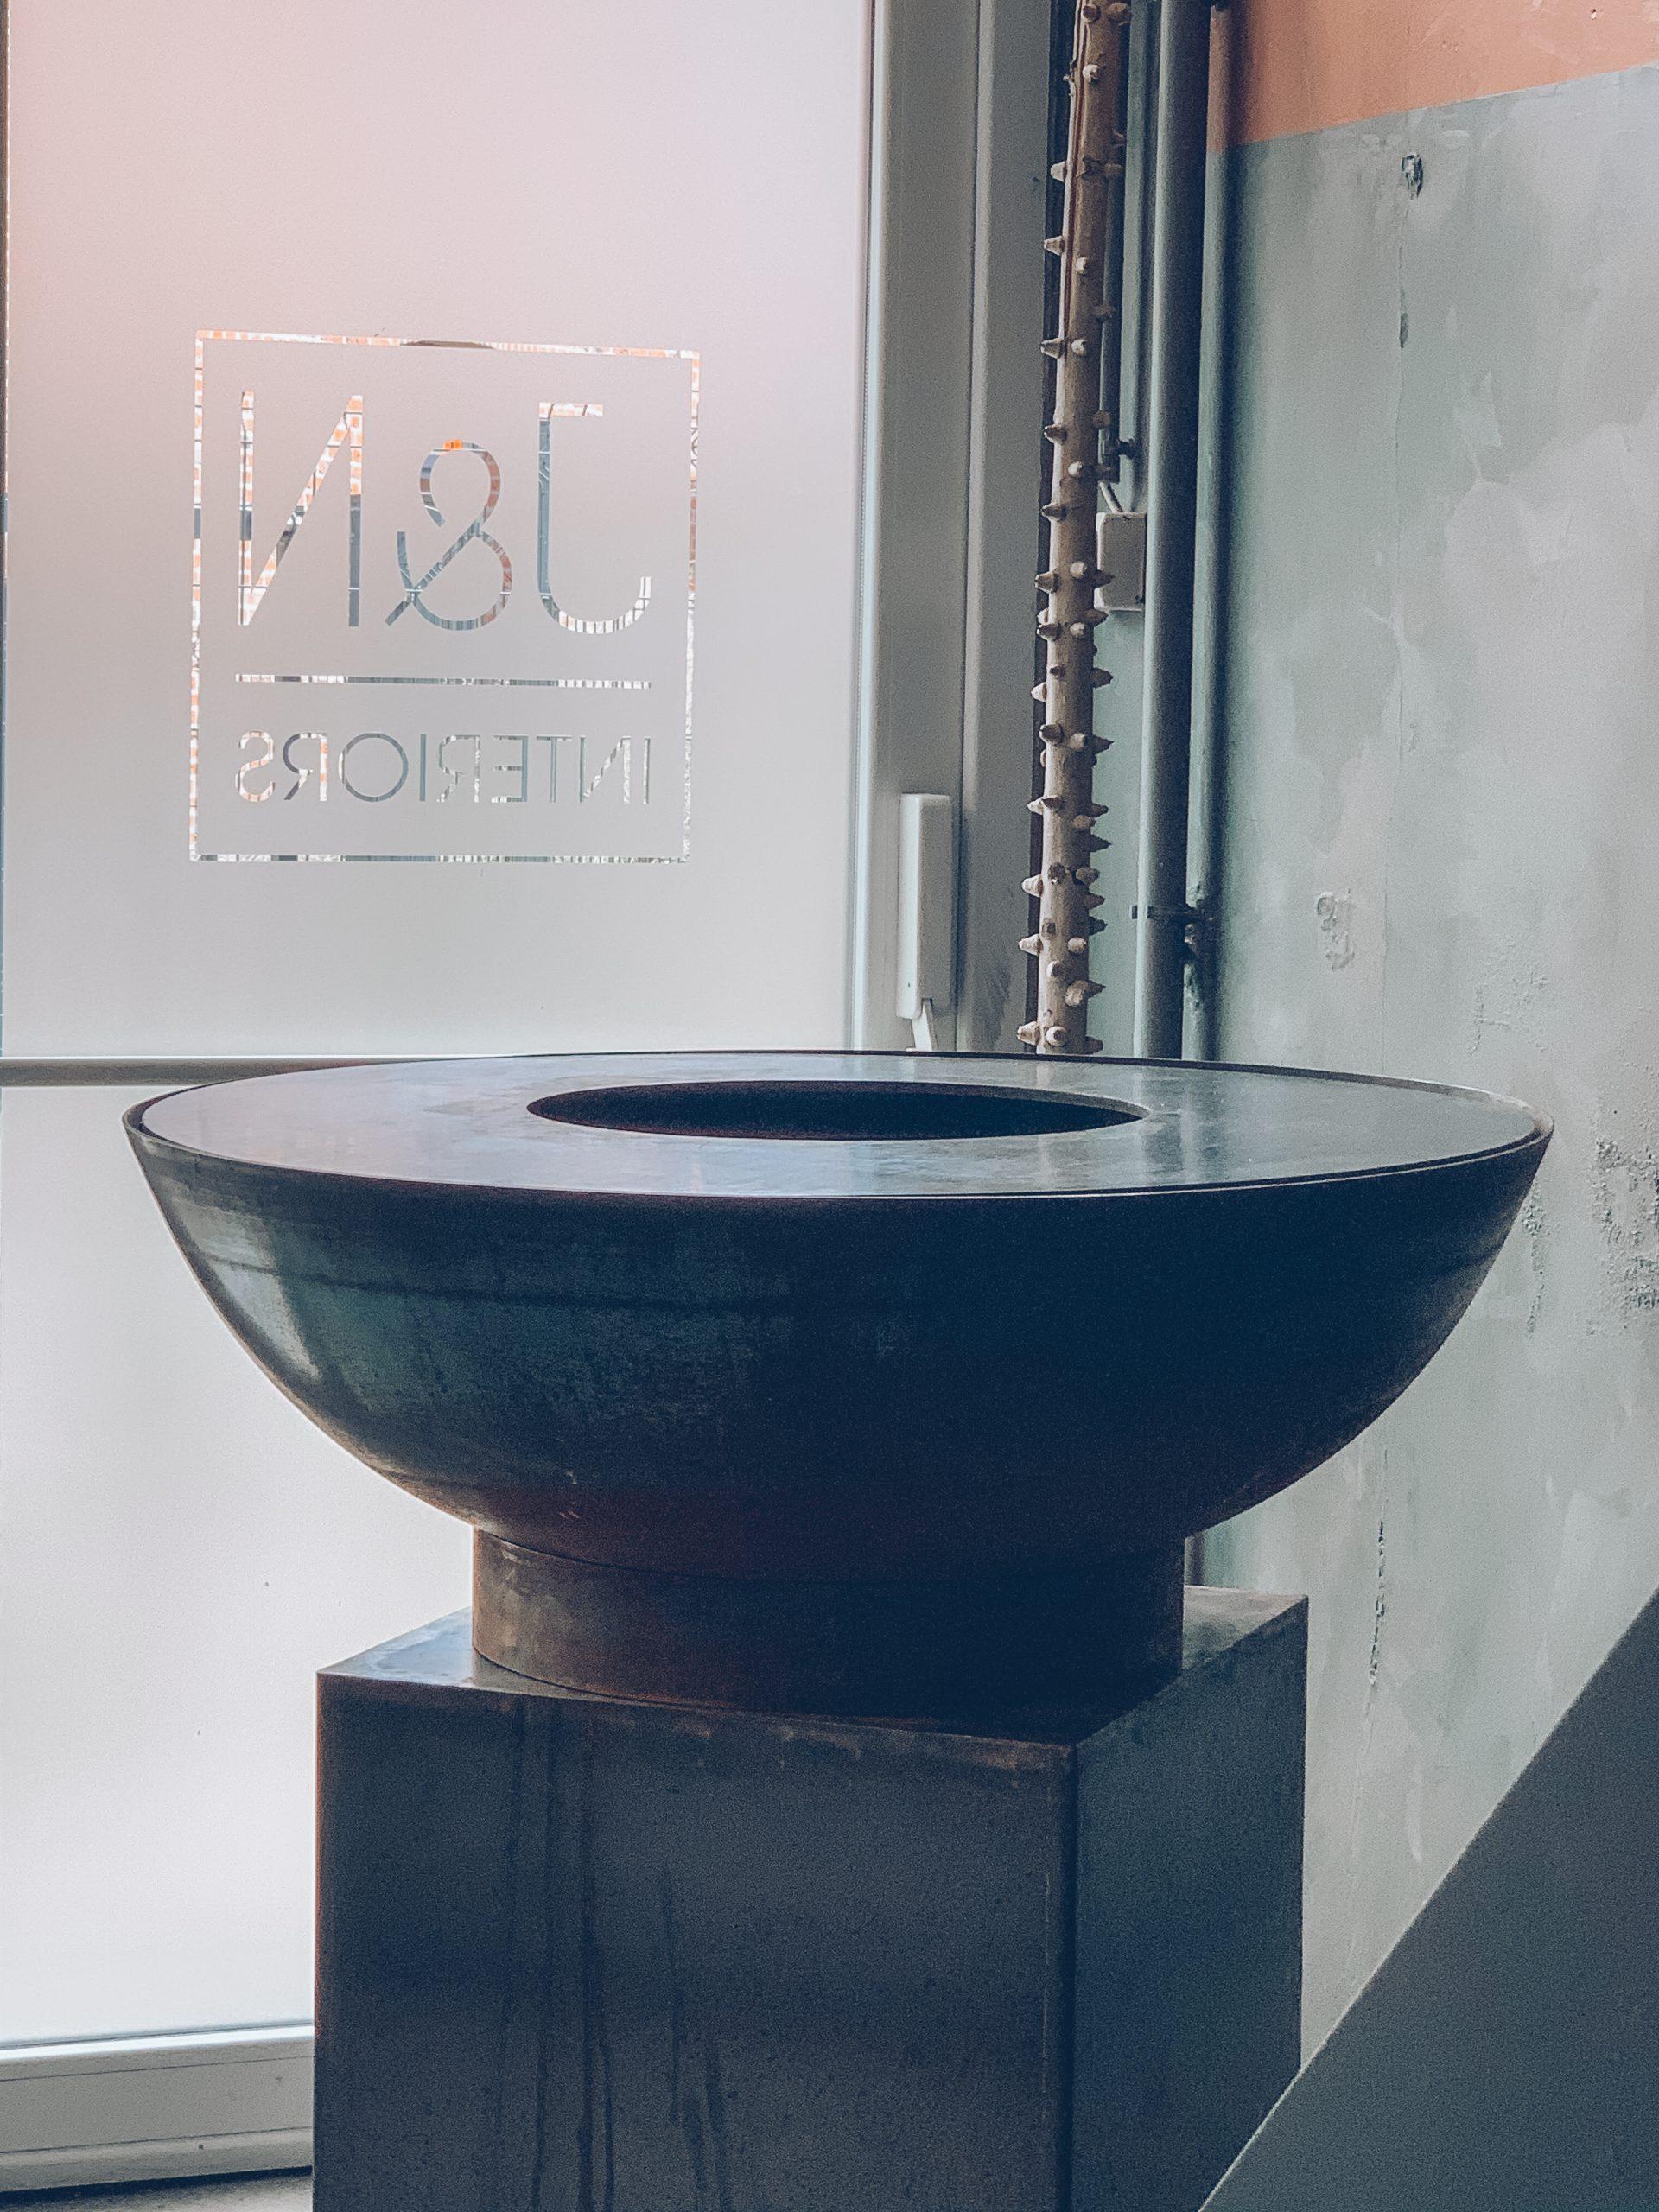 décoration noire, décoration tendance, magasin de décoration belgique, jour et nuit liège verviers, jn interiors